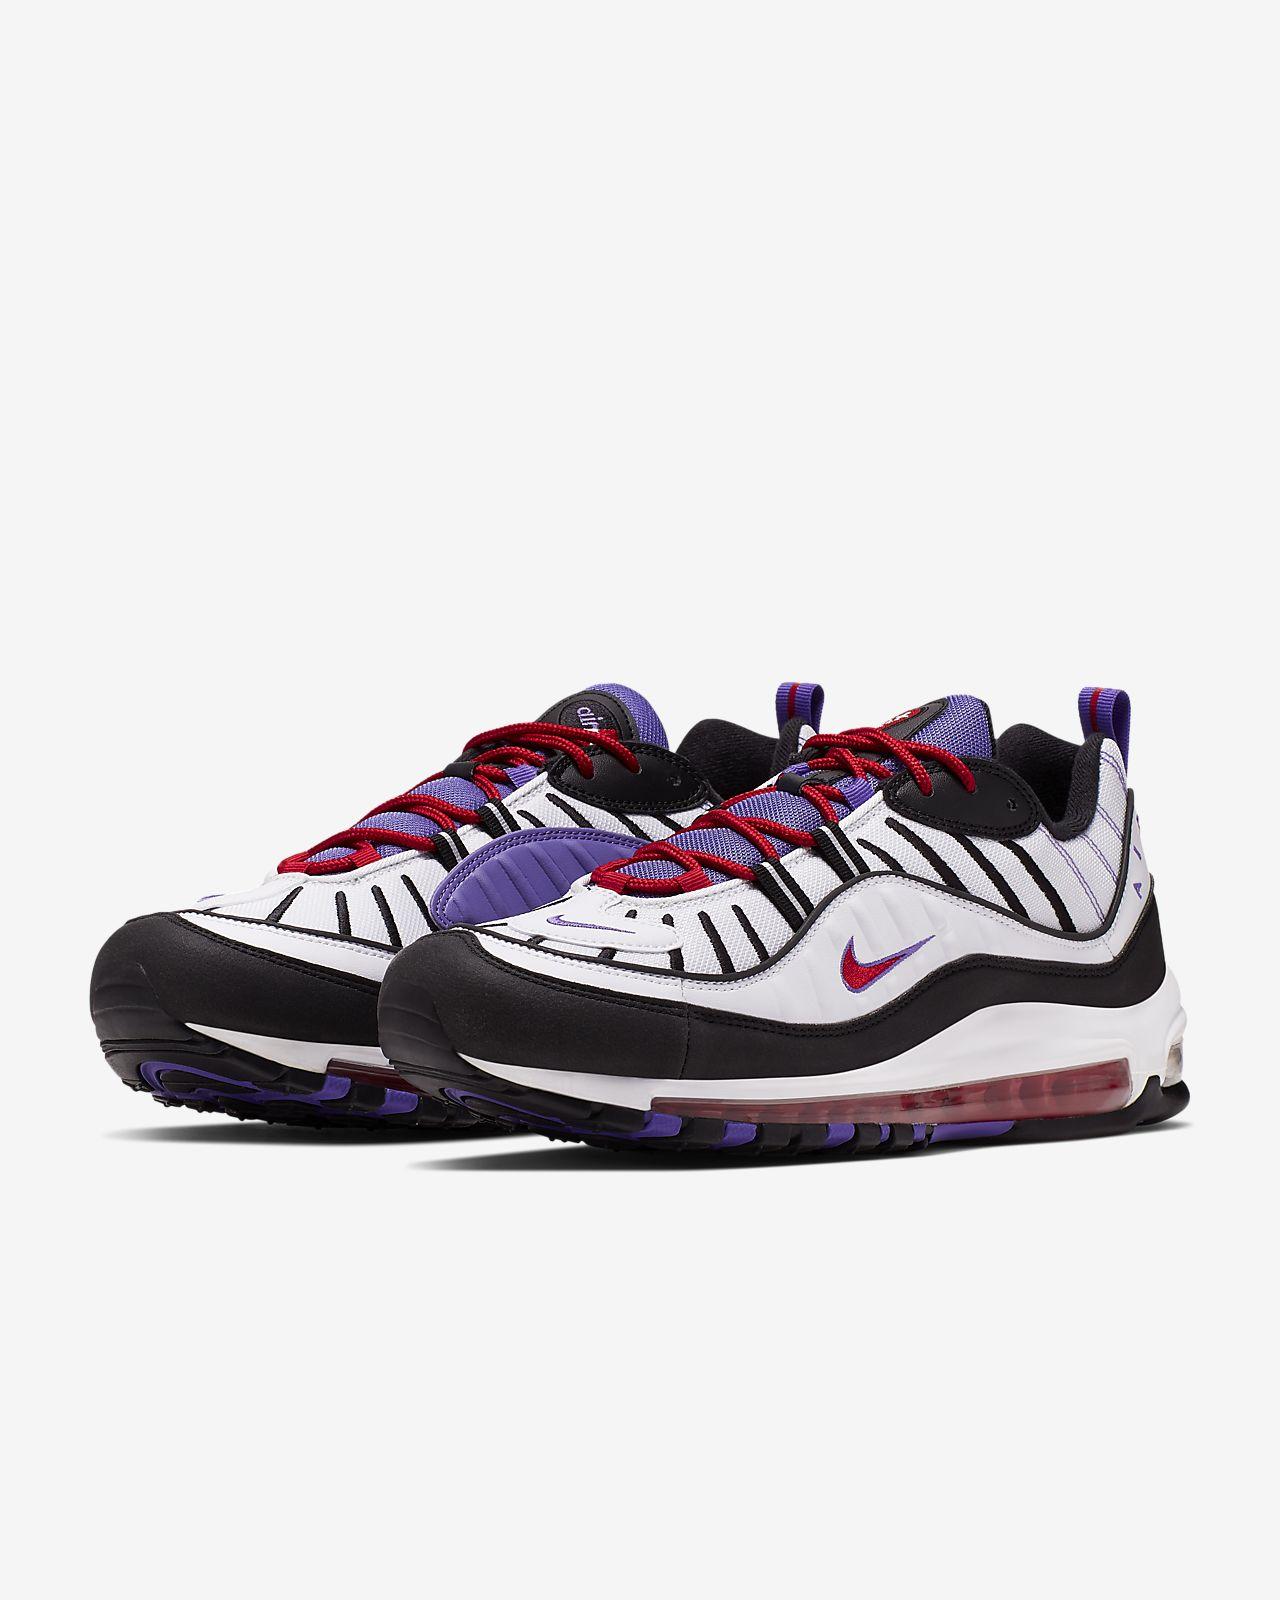 Nike Air Max 98 Footpatrol  Footpatrol